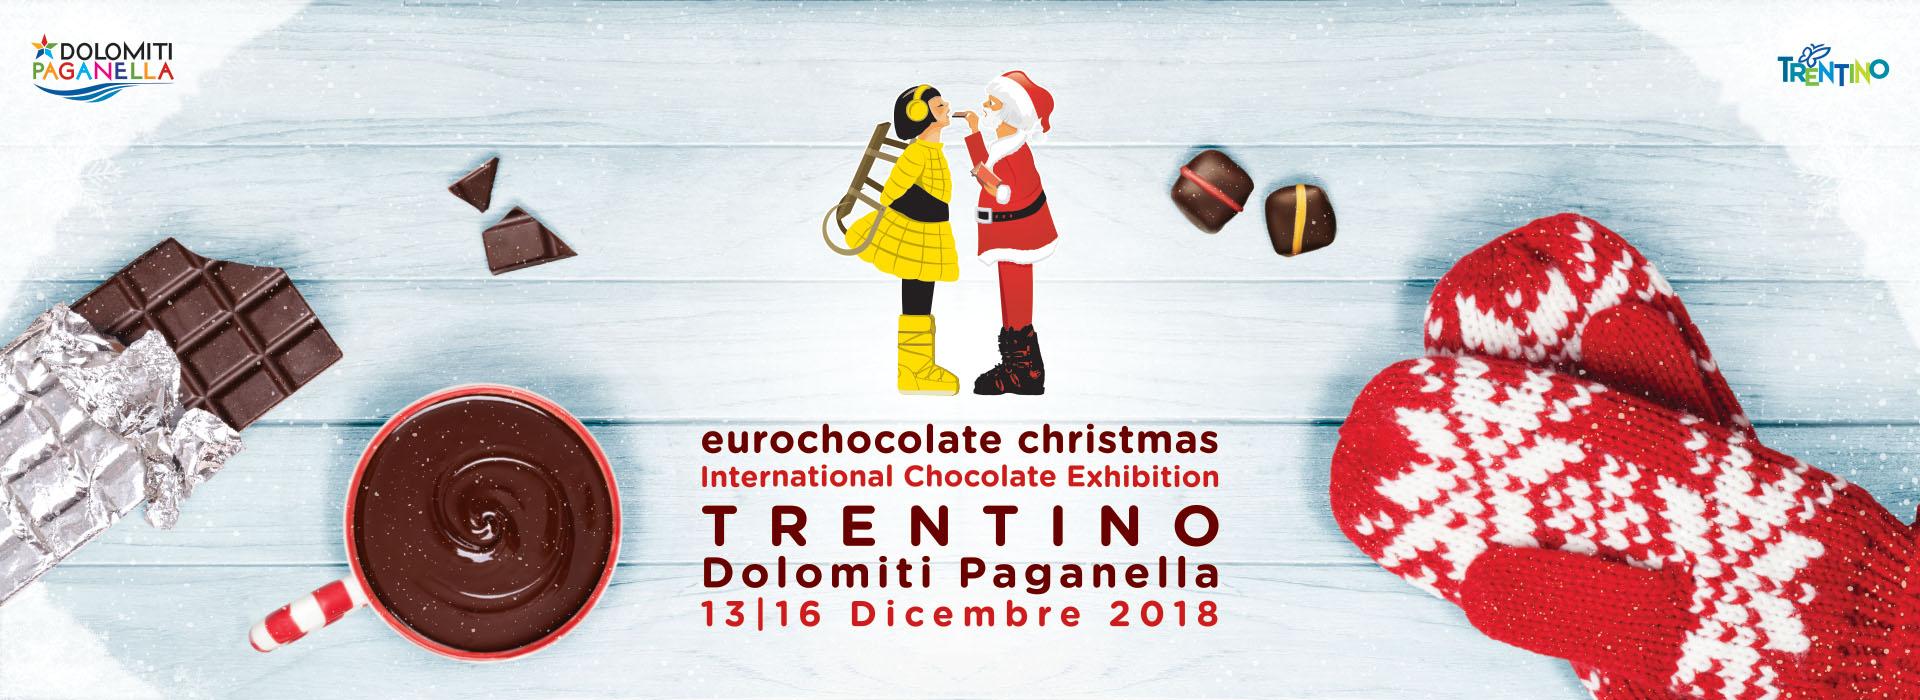 Eurochocolate Christmas in Trentino - Dal 13 al 16 dicembre 2018